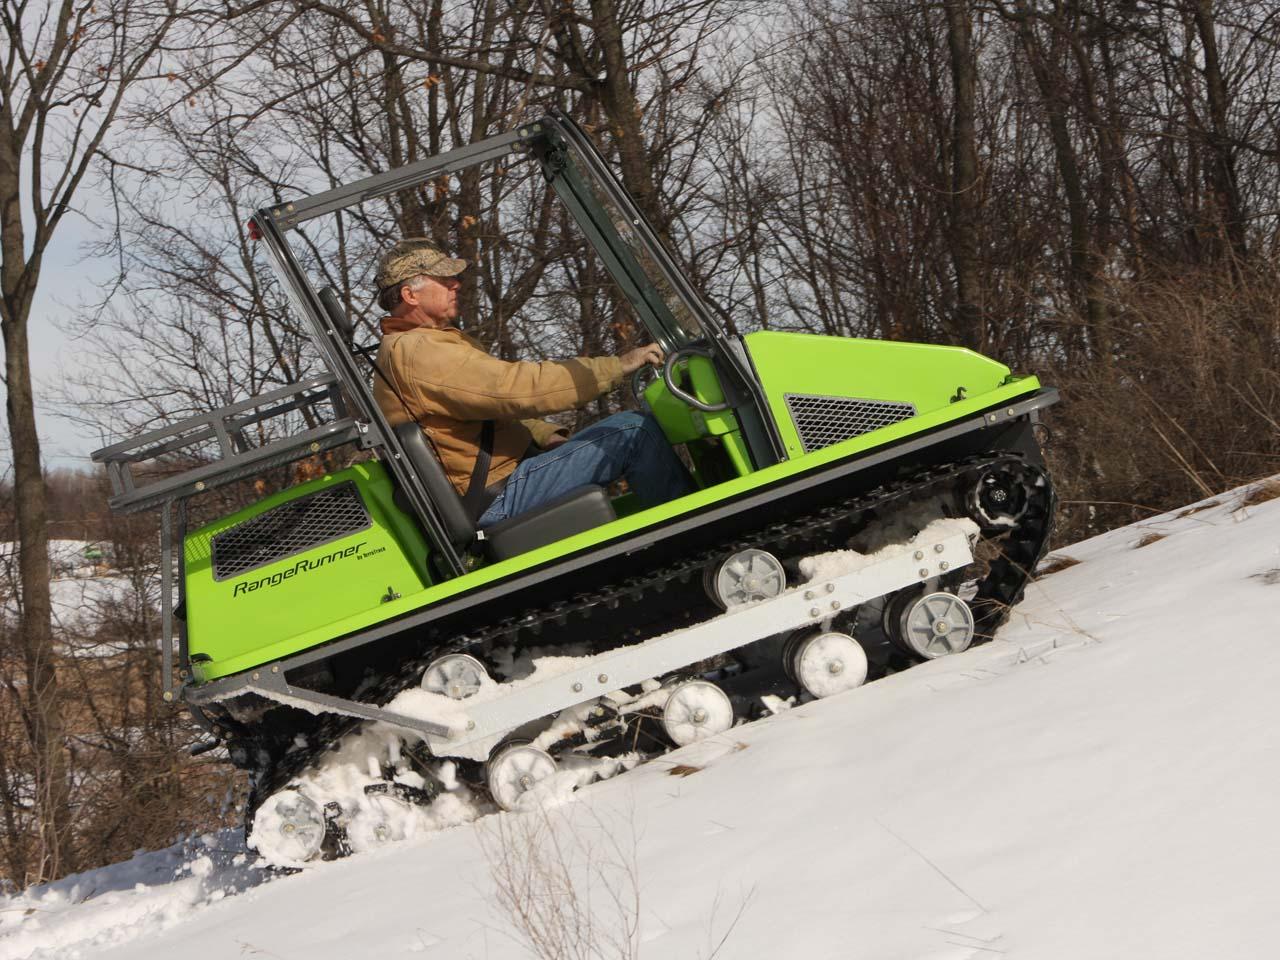 Как сделать самодельный снегоход на гусеницах 44